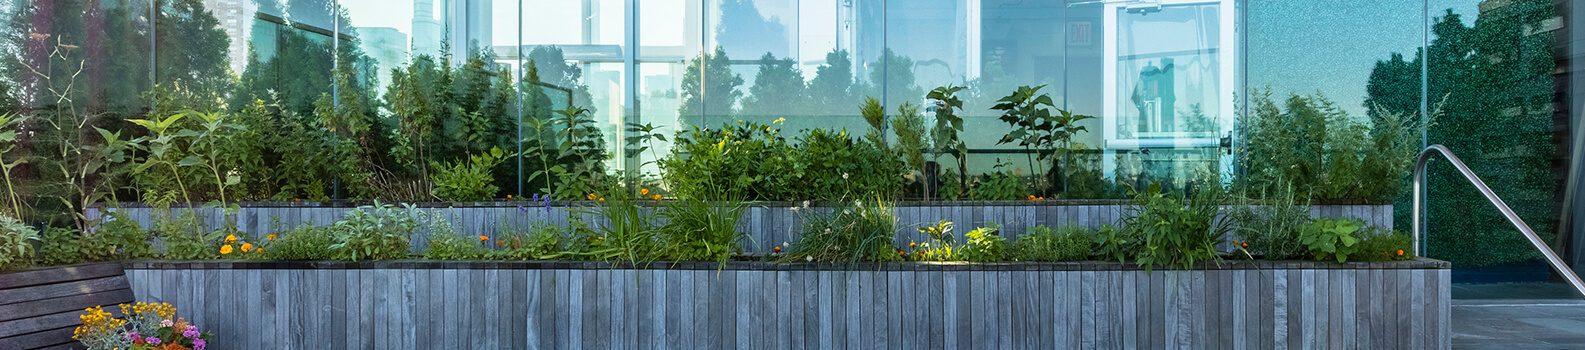 Rooftop garden plantings.